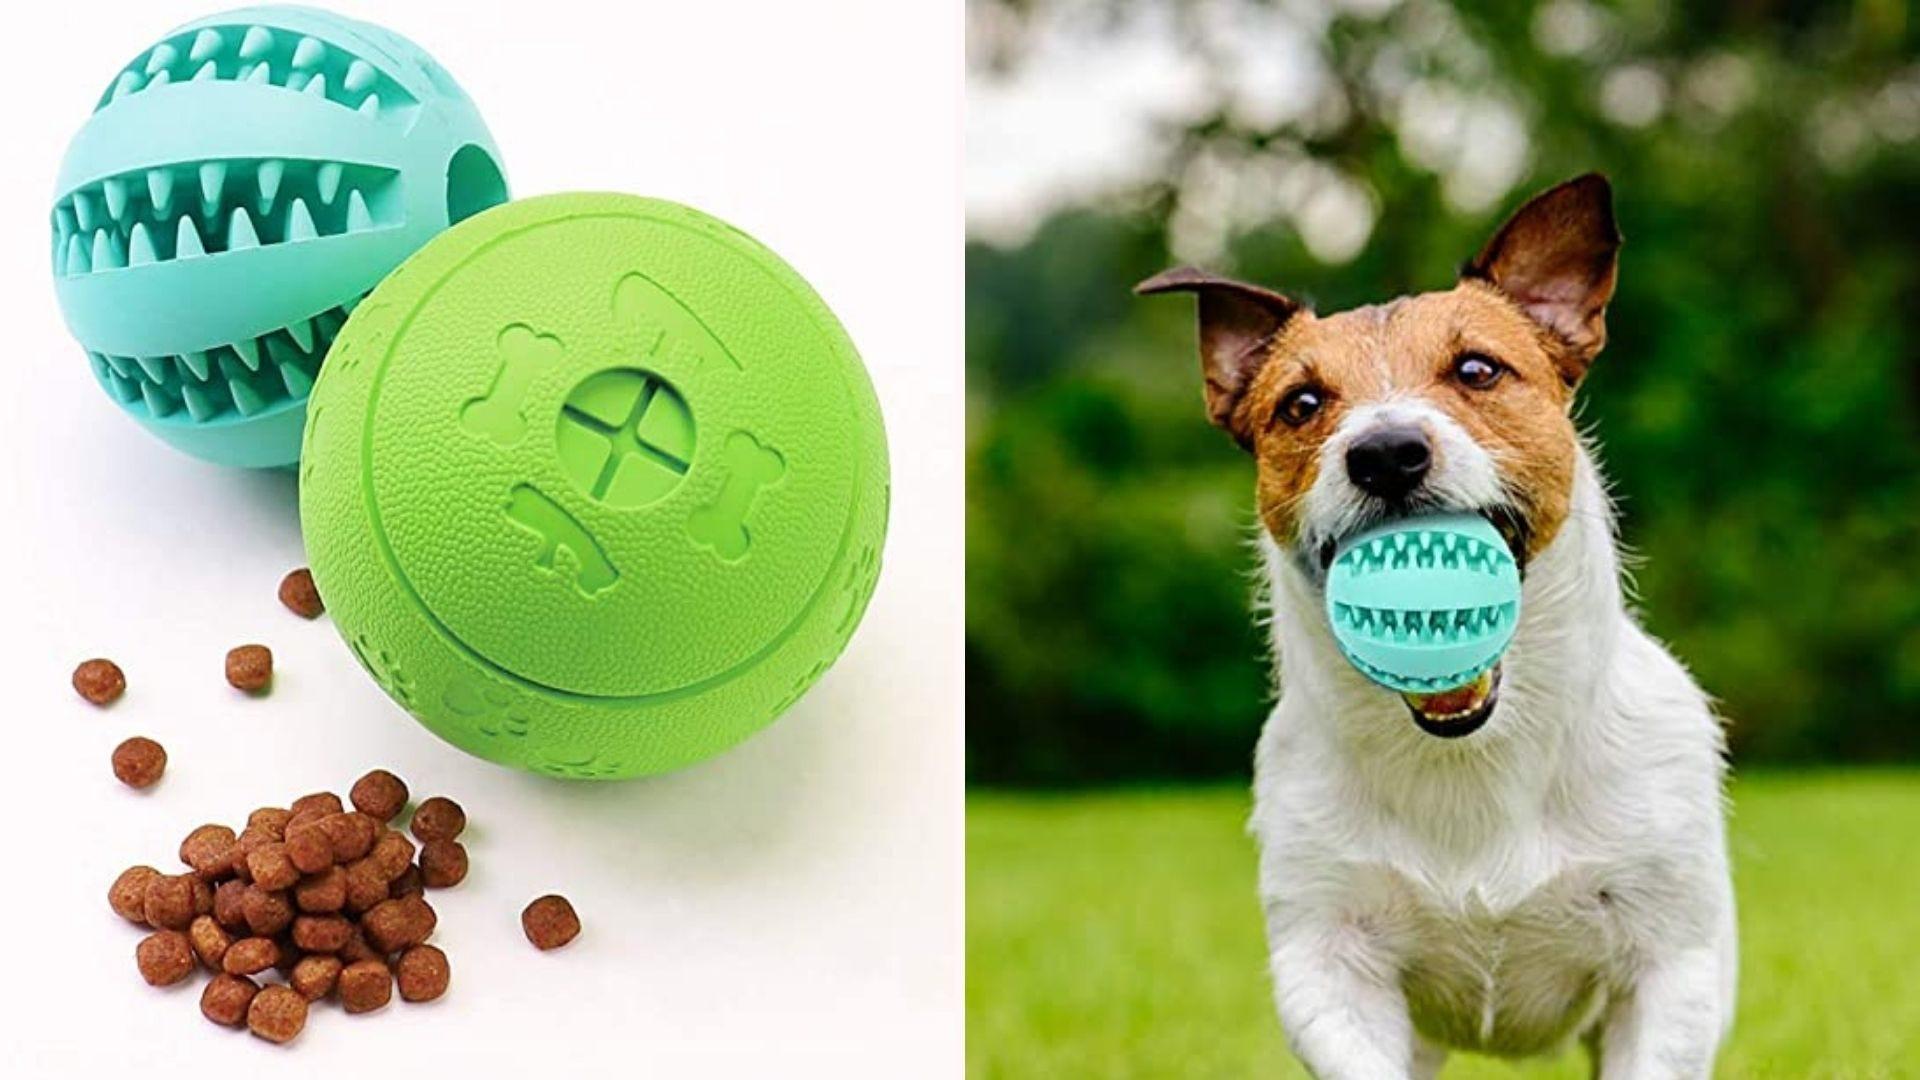 Слева - пазл с едой на белом фоне, а справа - счастливая собака, несущая пазл на улицу.